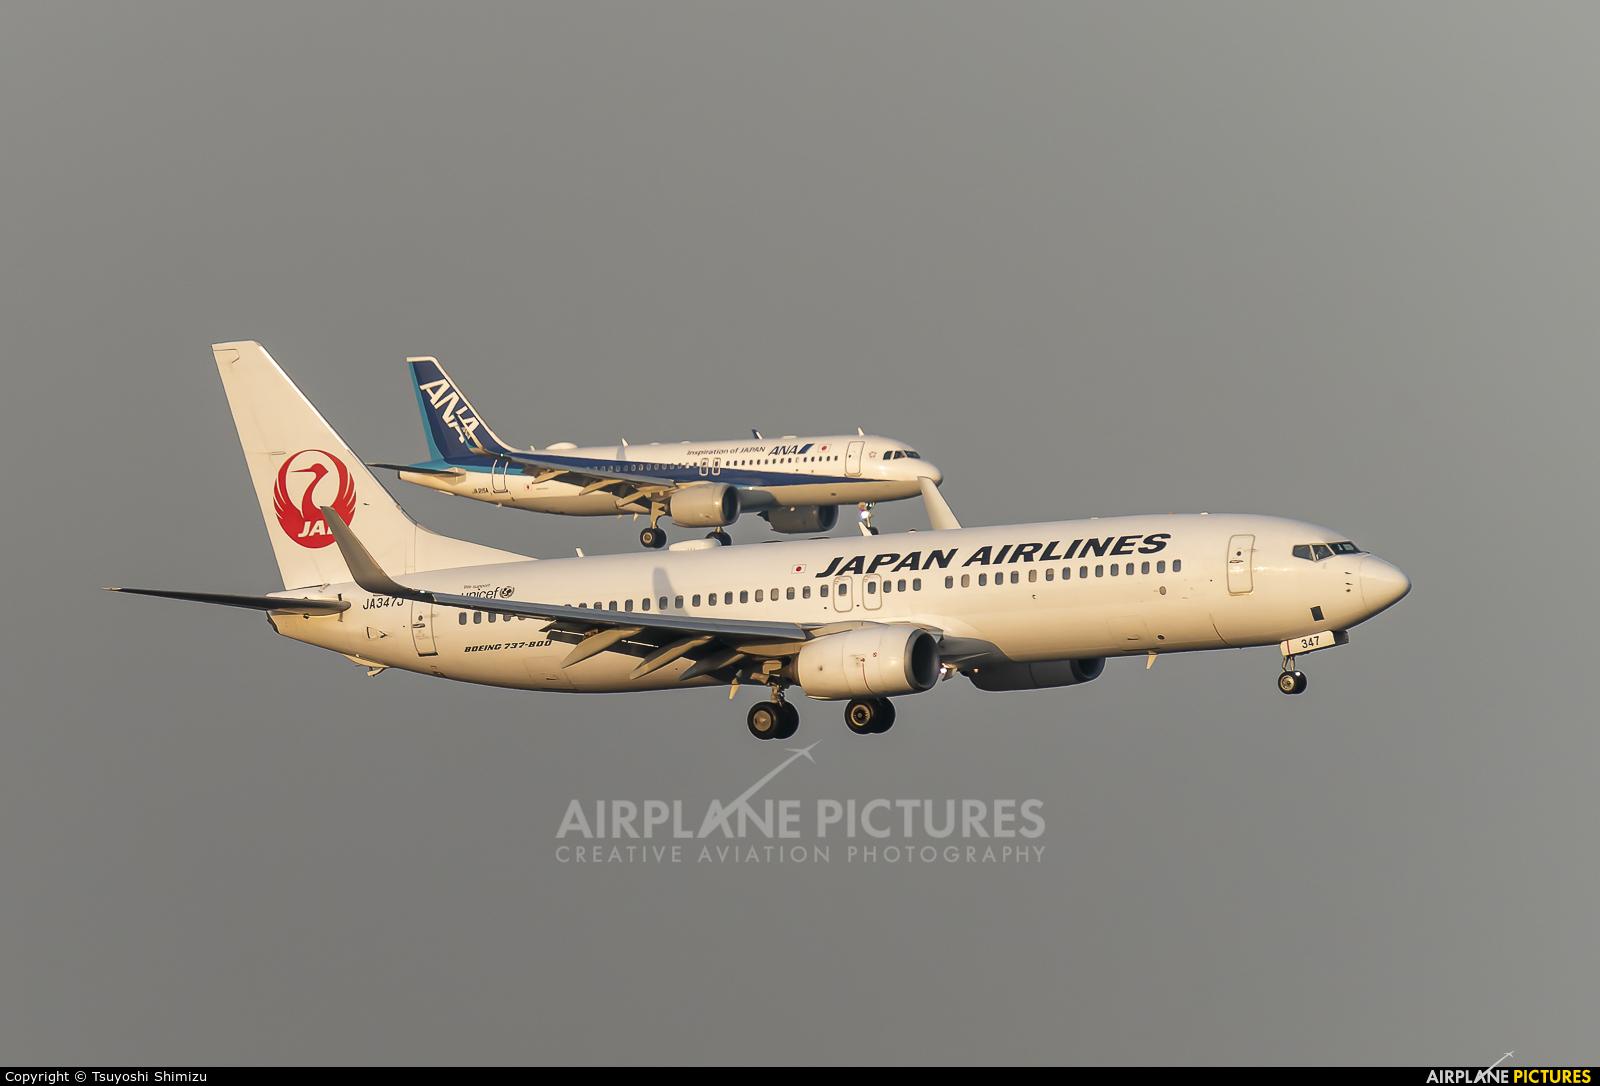 JAL - Japan Airlines JA347J aircraft at Tokyo - Haneda Intl